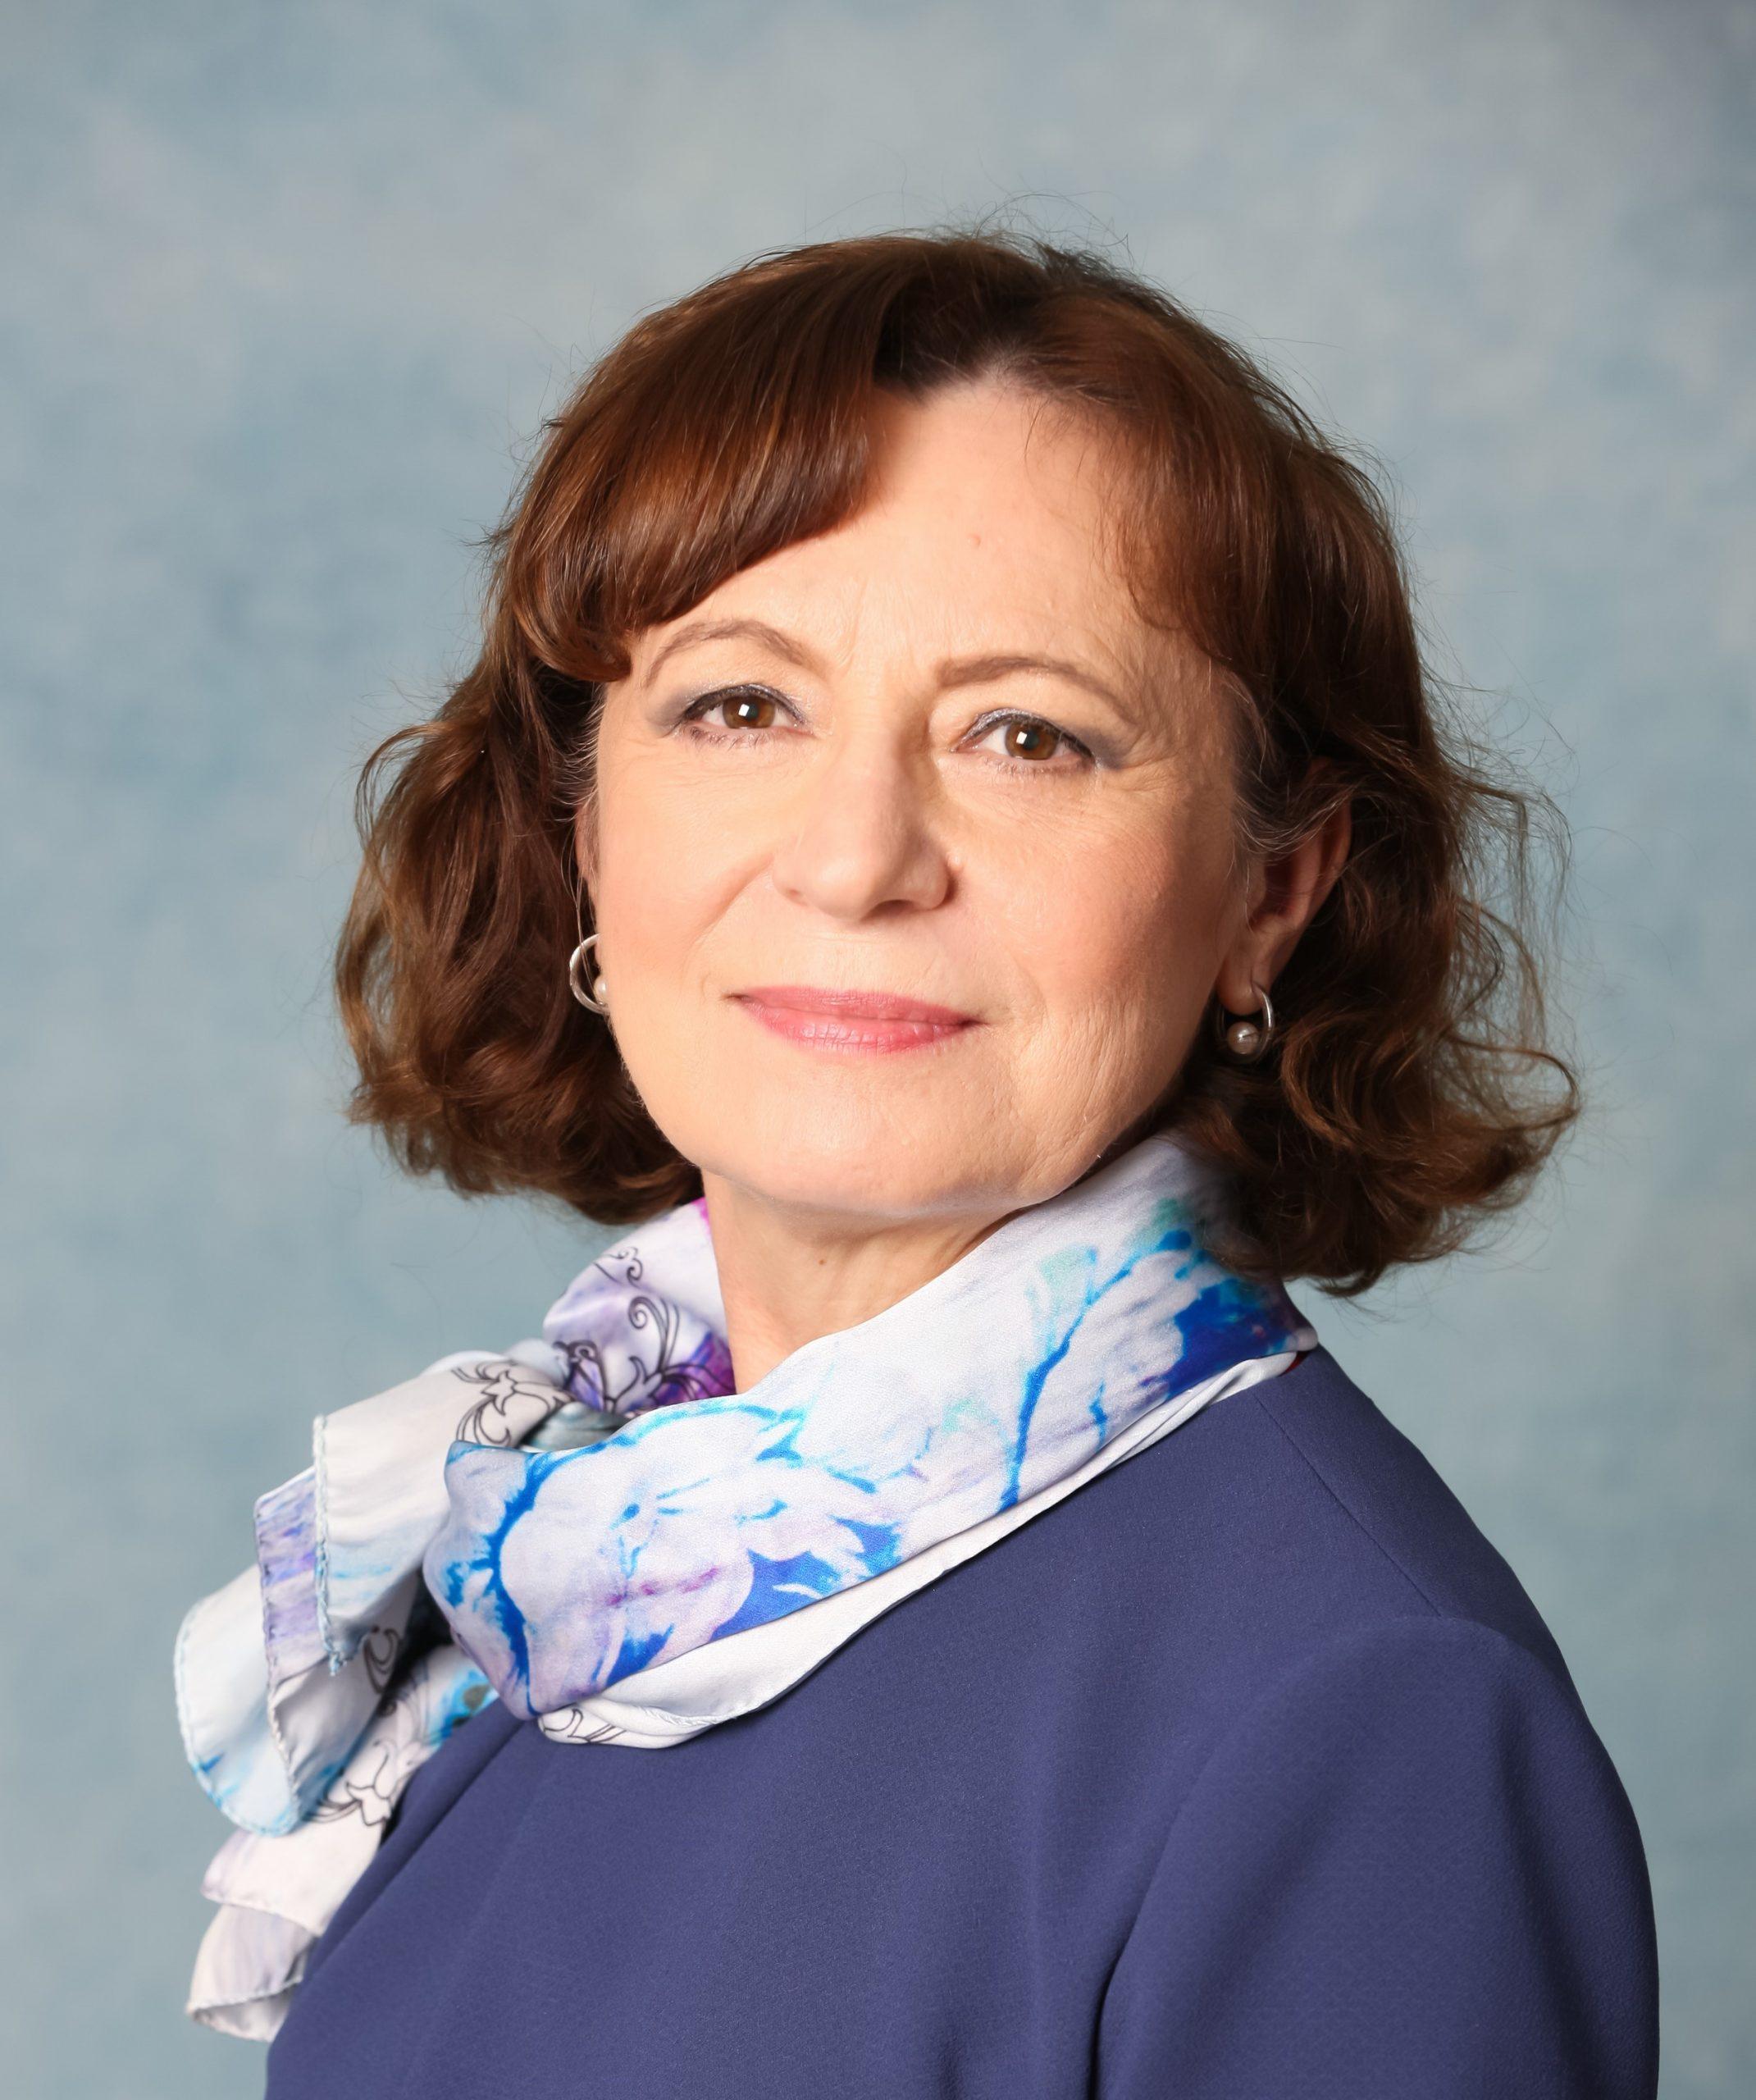 Mariana Vizoli